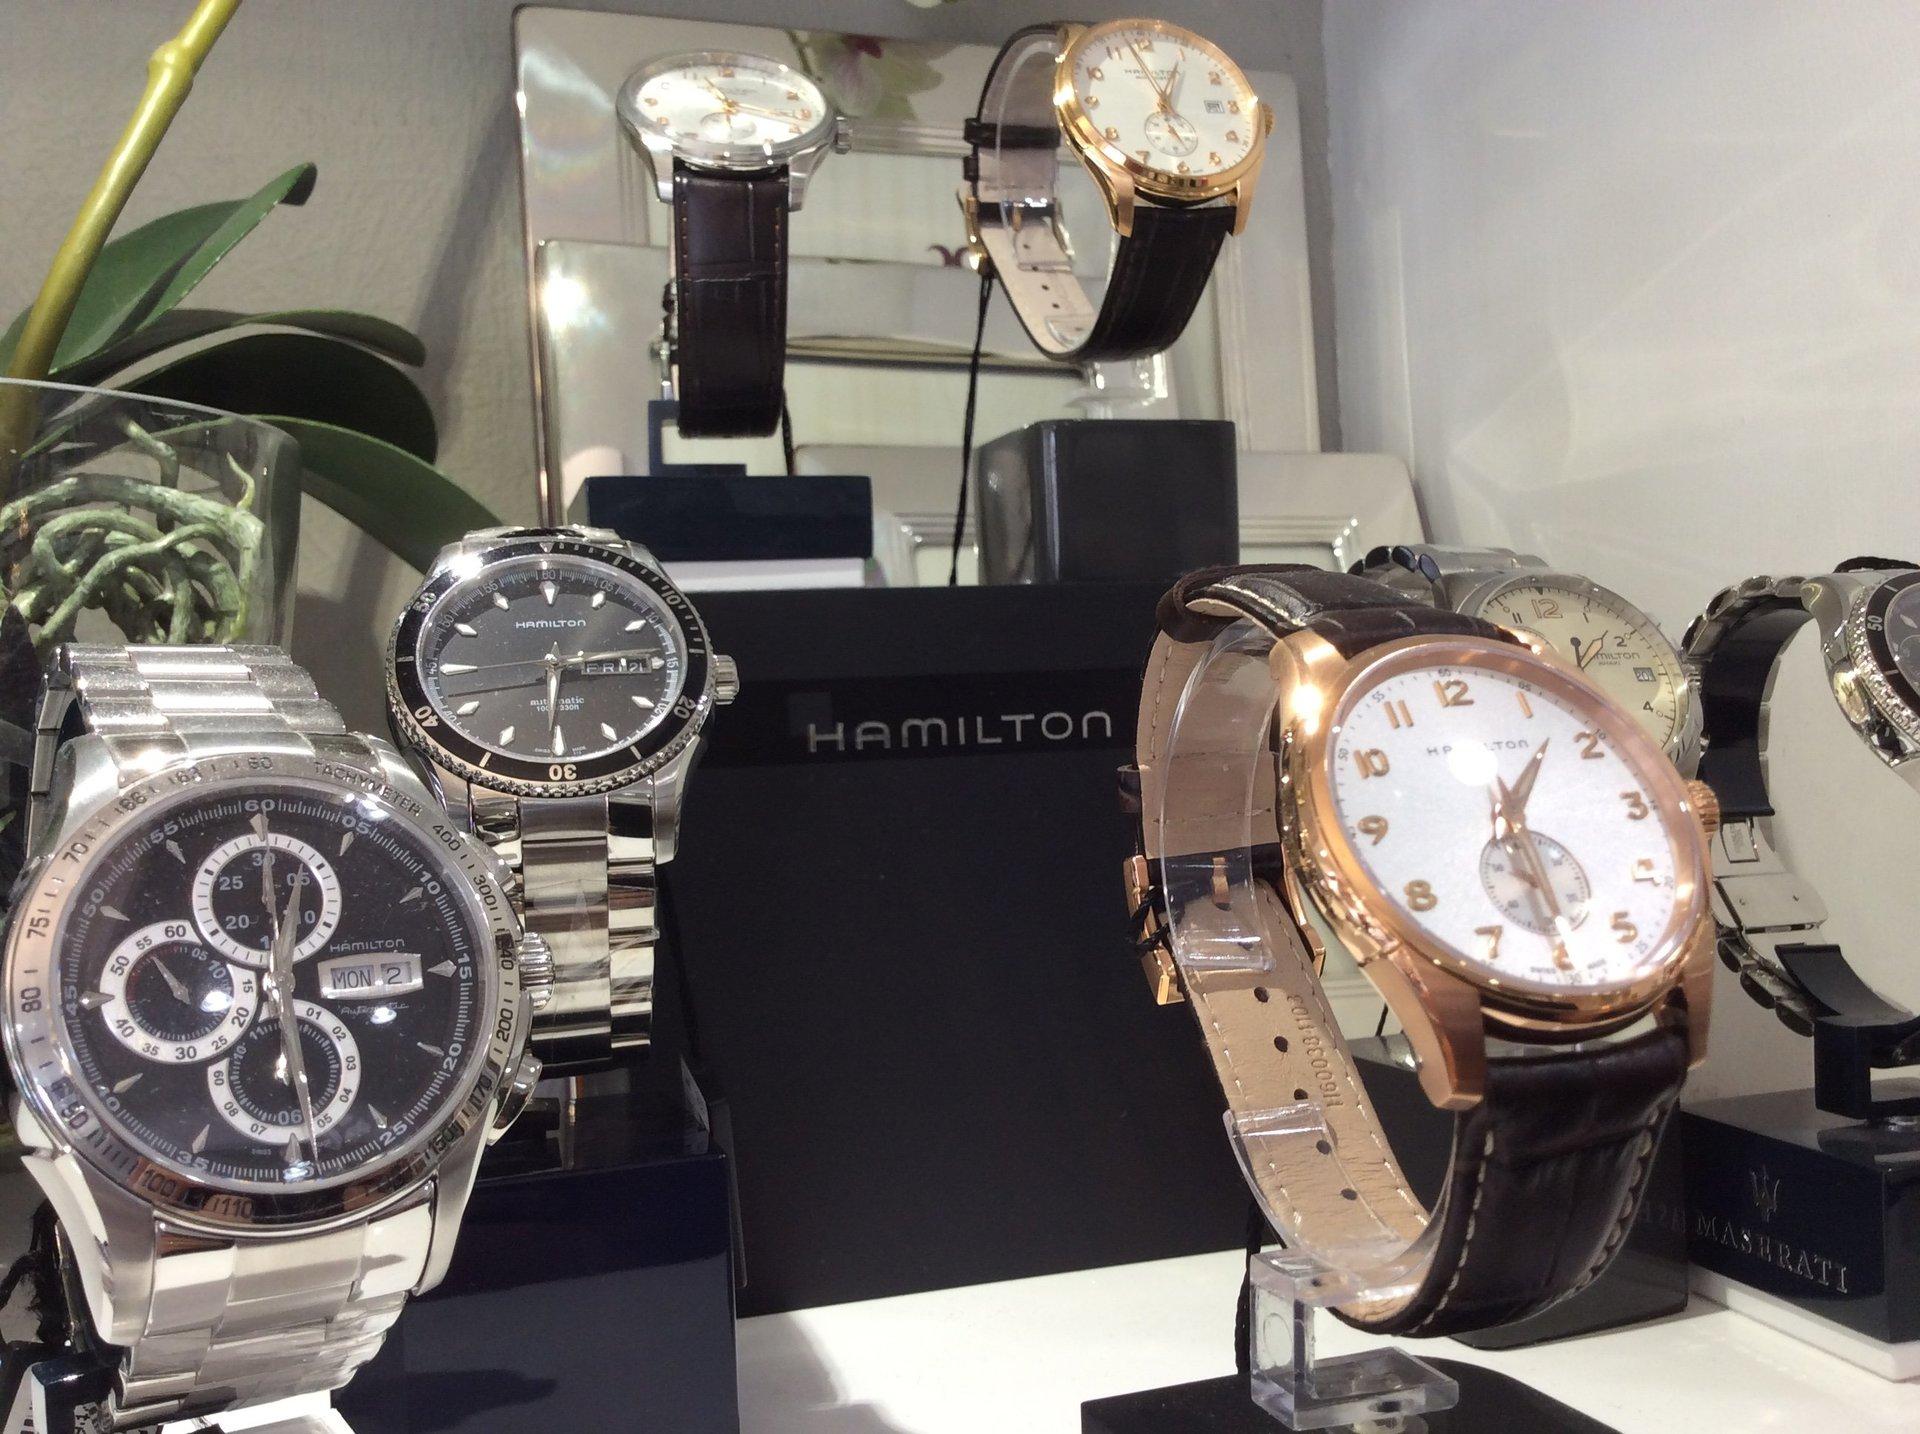 Esposizione orologi da polso per uomo Hamilton